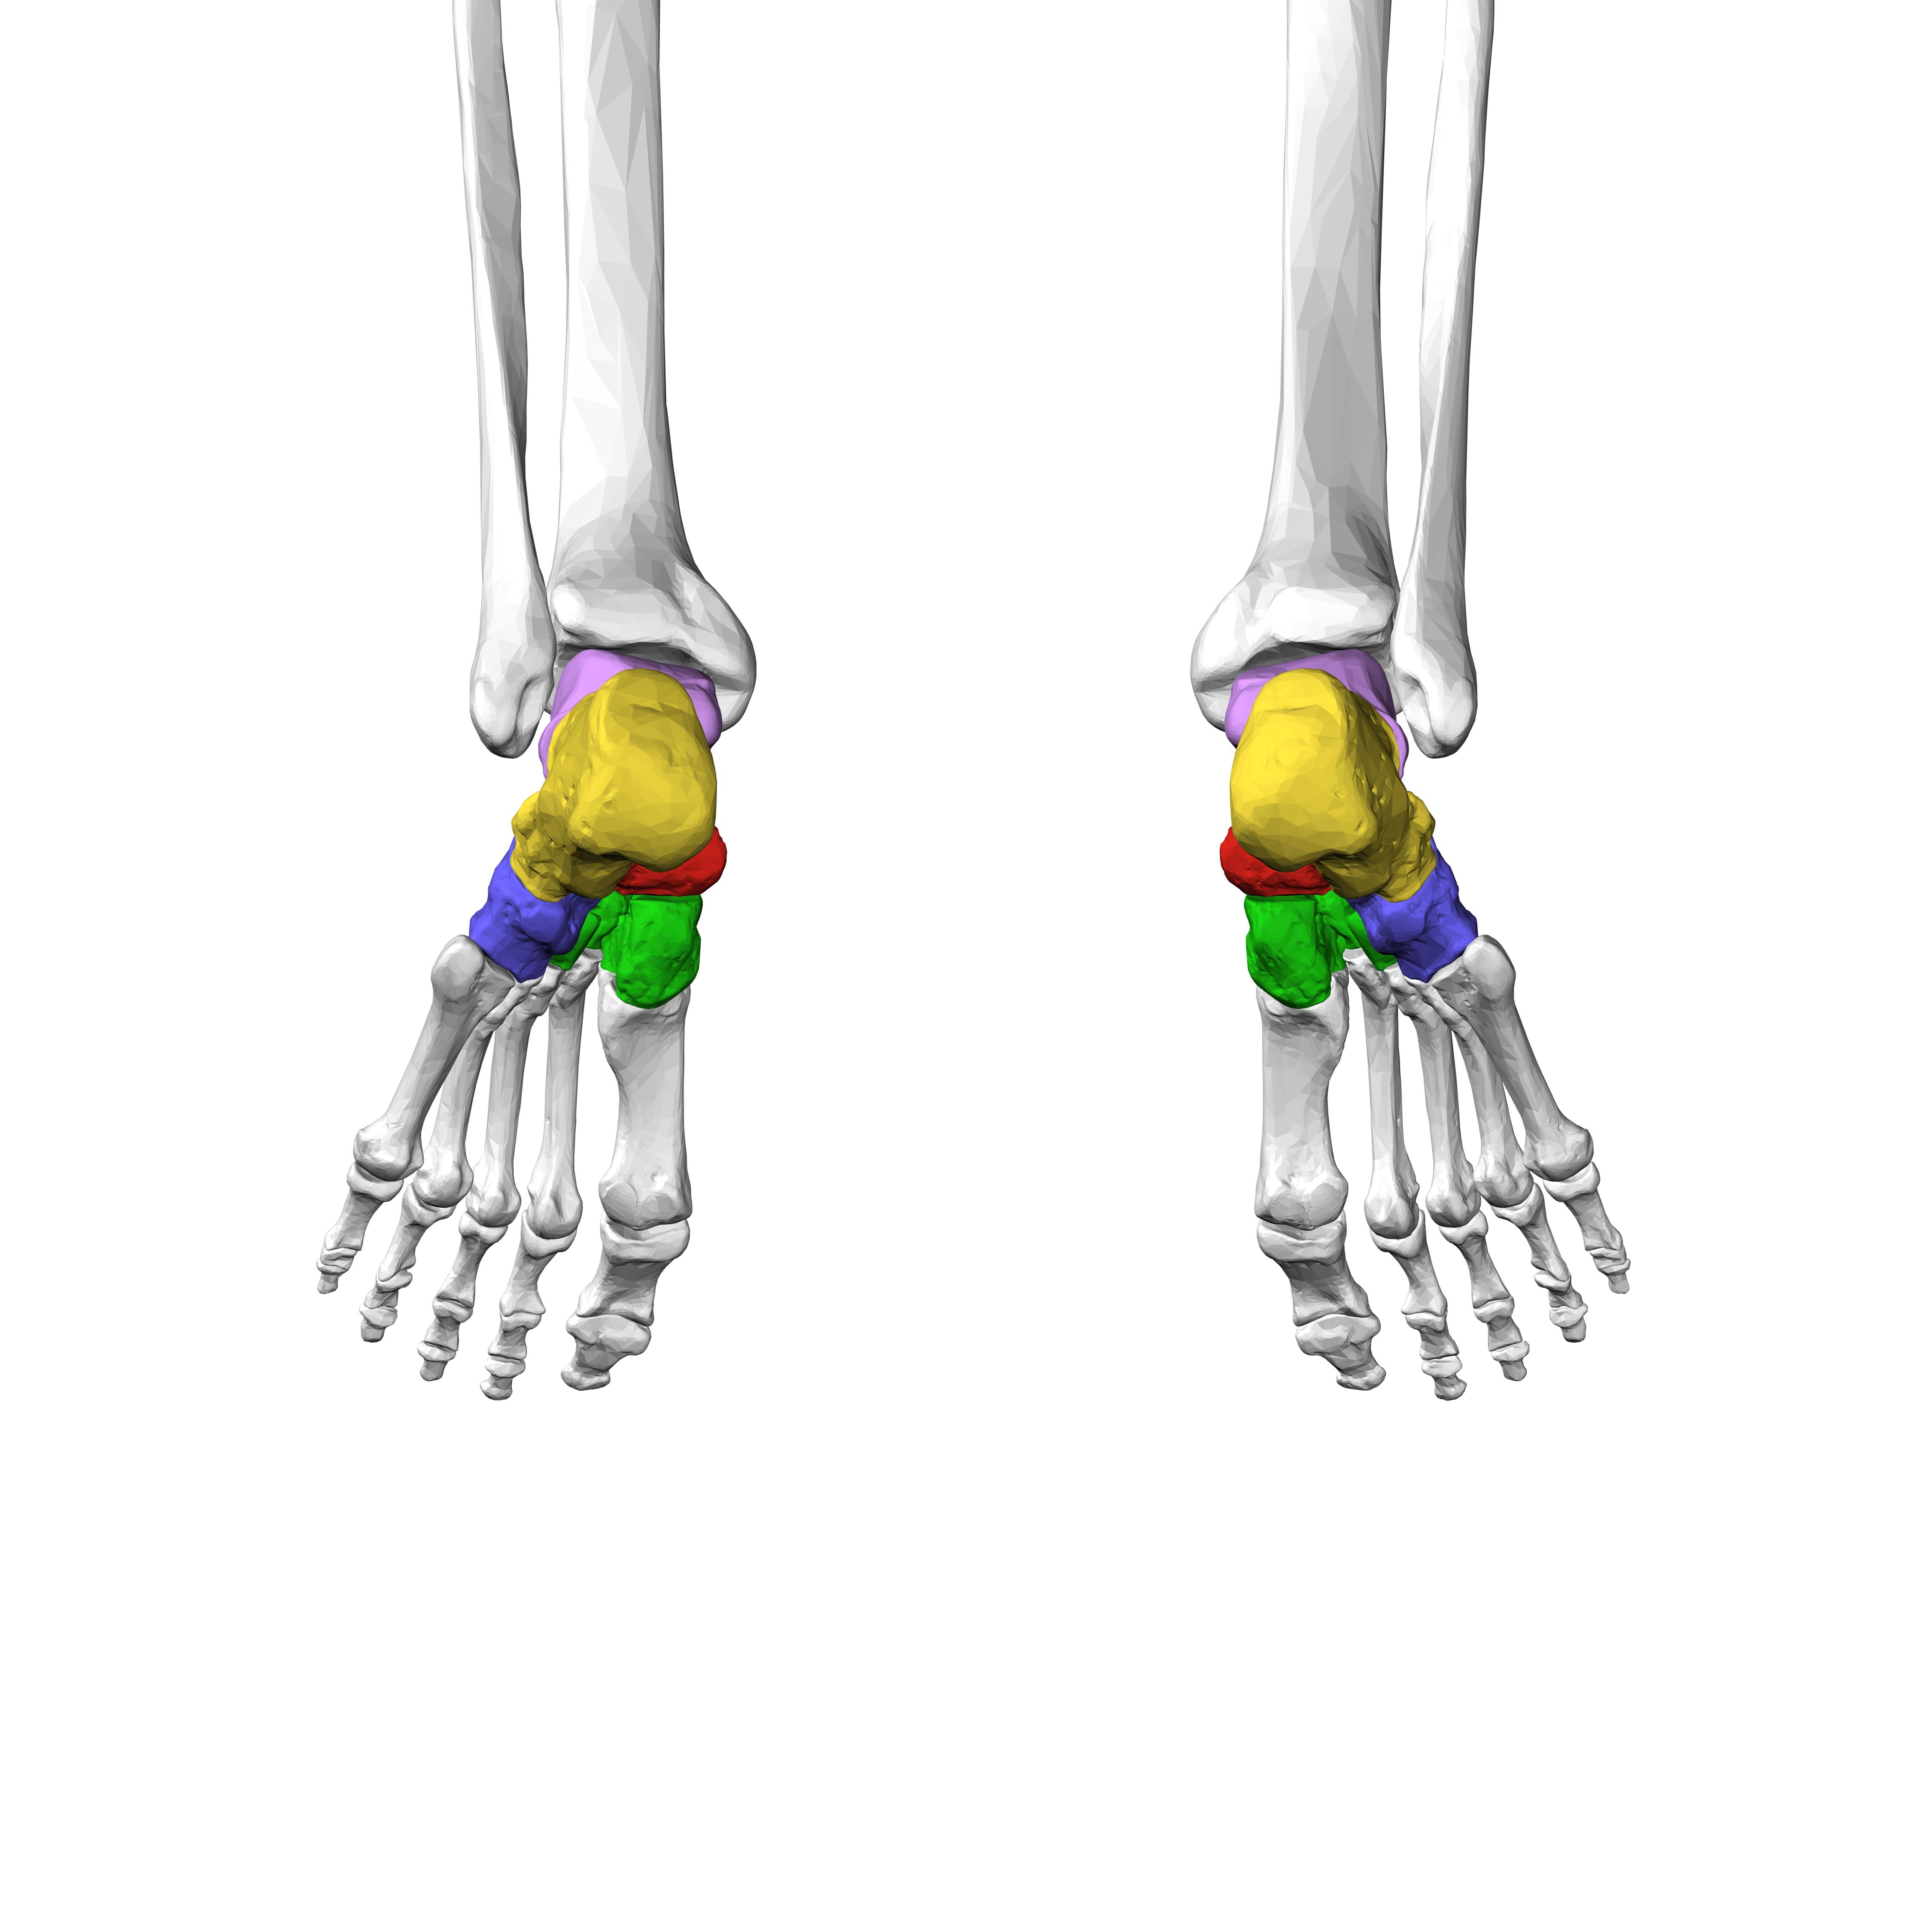 Bones In A Dog S Foot